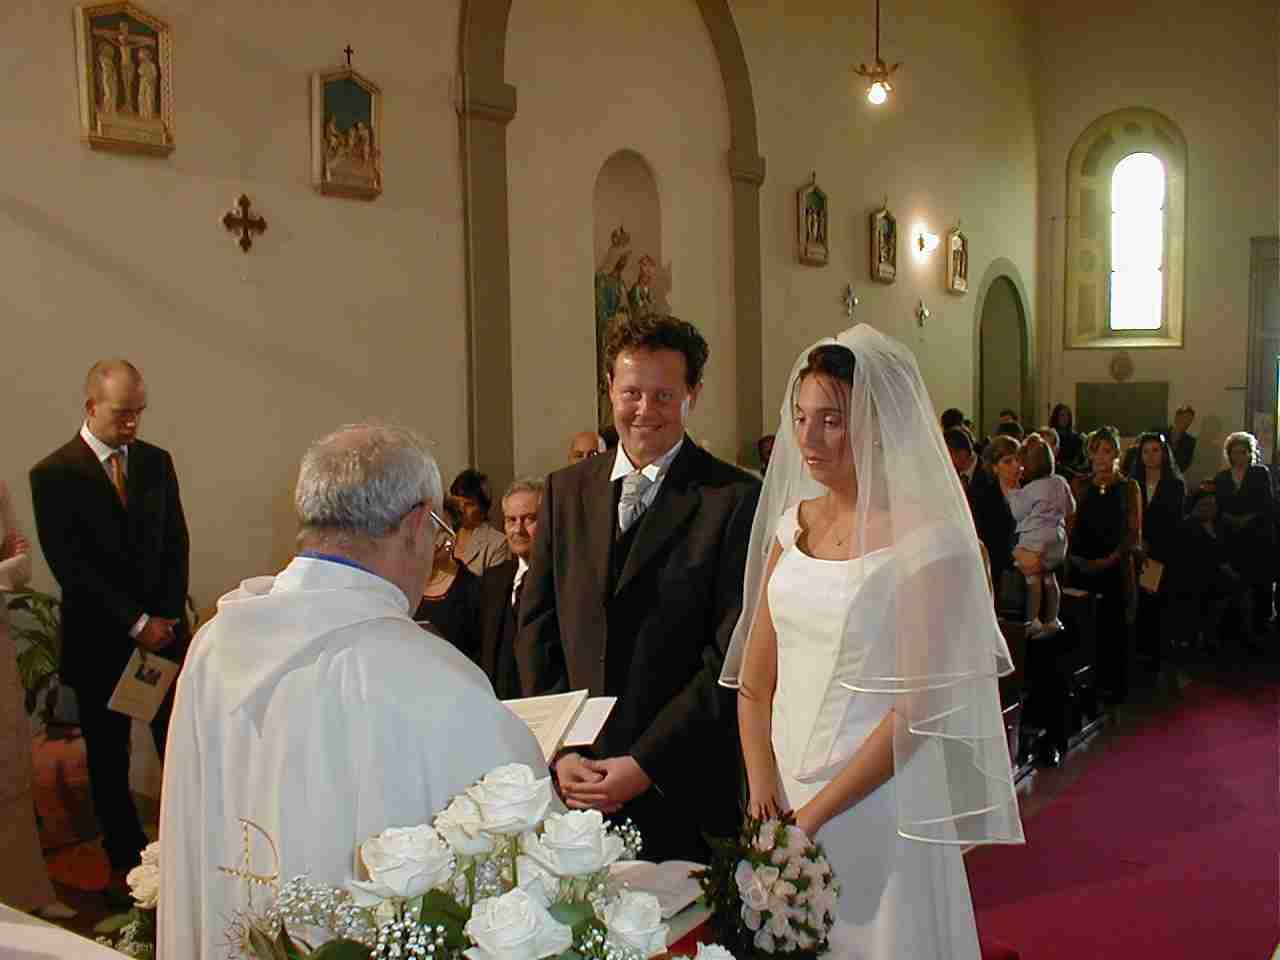 Matrimonio Simbolico In Chiesa : Irlanda nel aumentano i matrimoni in chiesa uccr